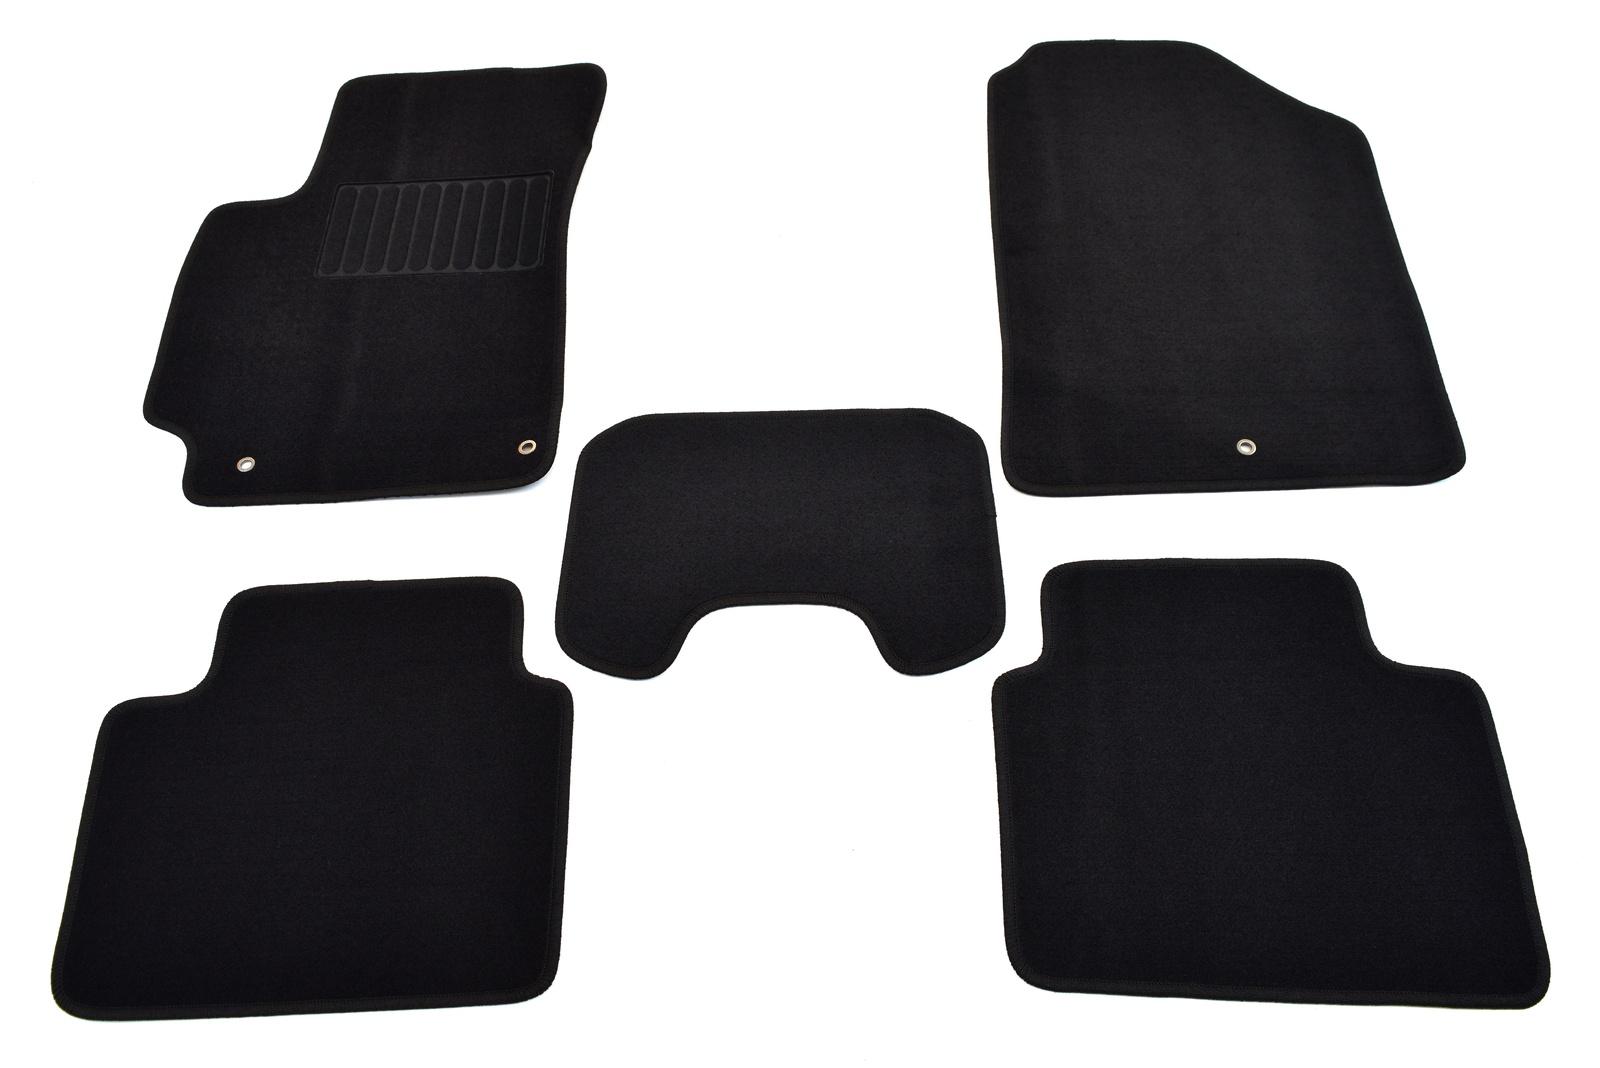 Коврики в салон автомобиля SV Design, для renault duster, 2012-2016 2wd, 4122-unf3-15p, текстильные, черный фаркоп renault duster 2012